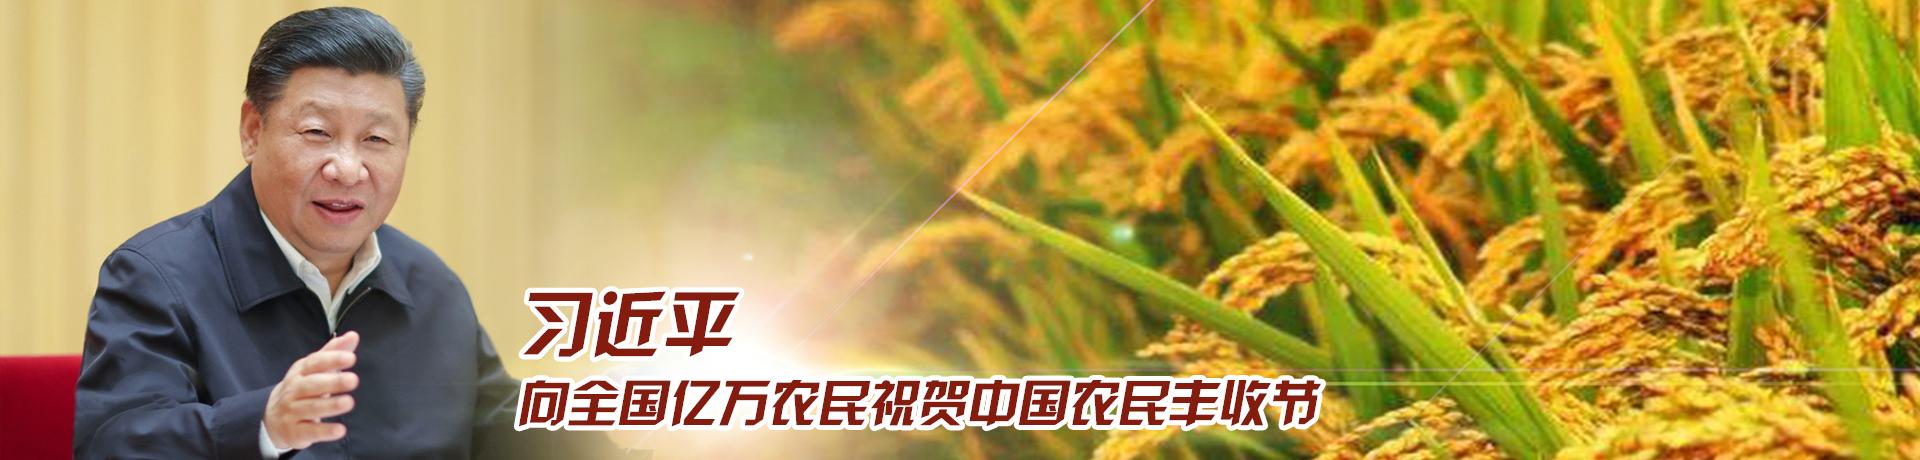 习近平向全国亿万农民祝贺中国农民丰收节